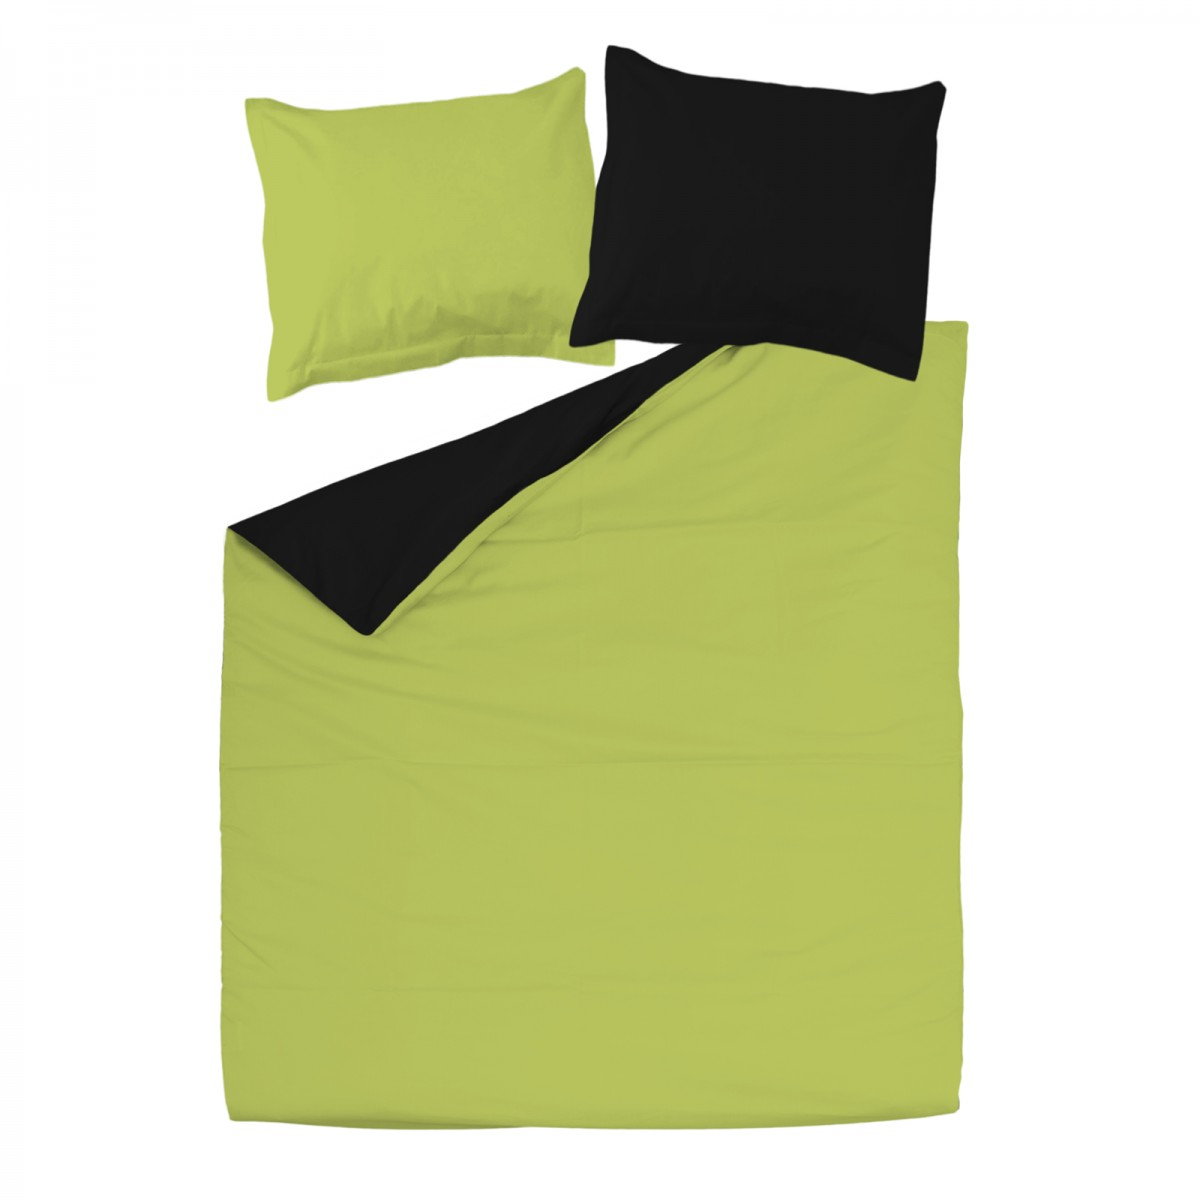 Noir et vert 100 coton parure de lit r versible housse - Parure de housse de couette ...